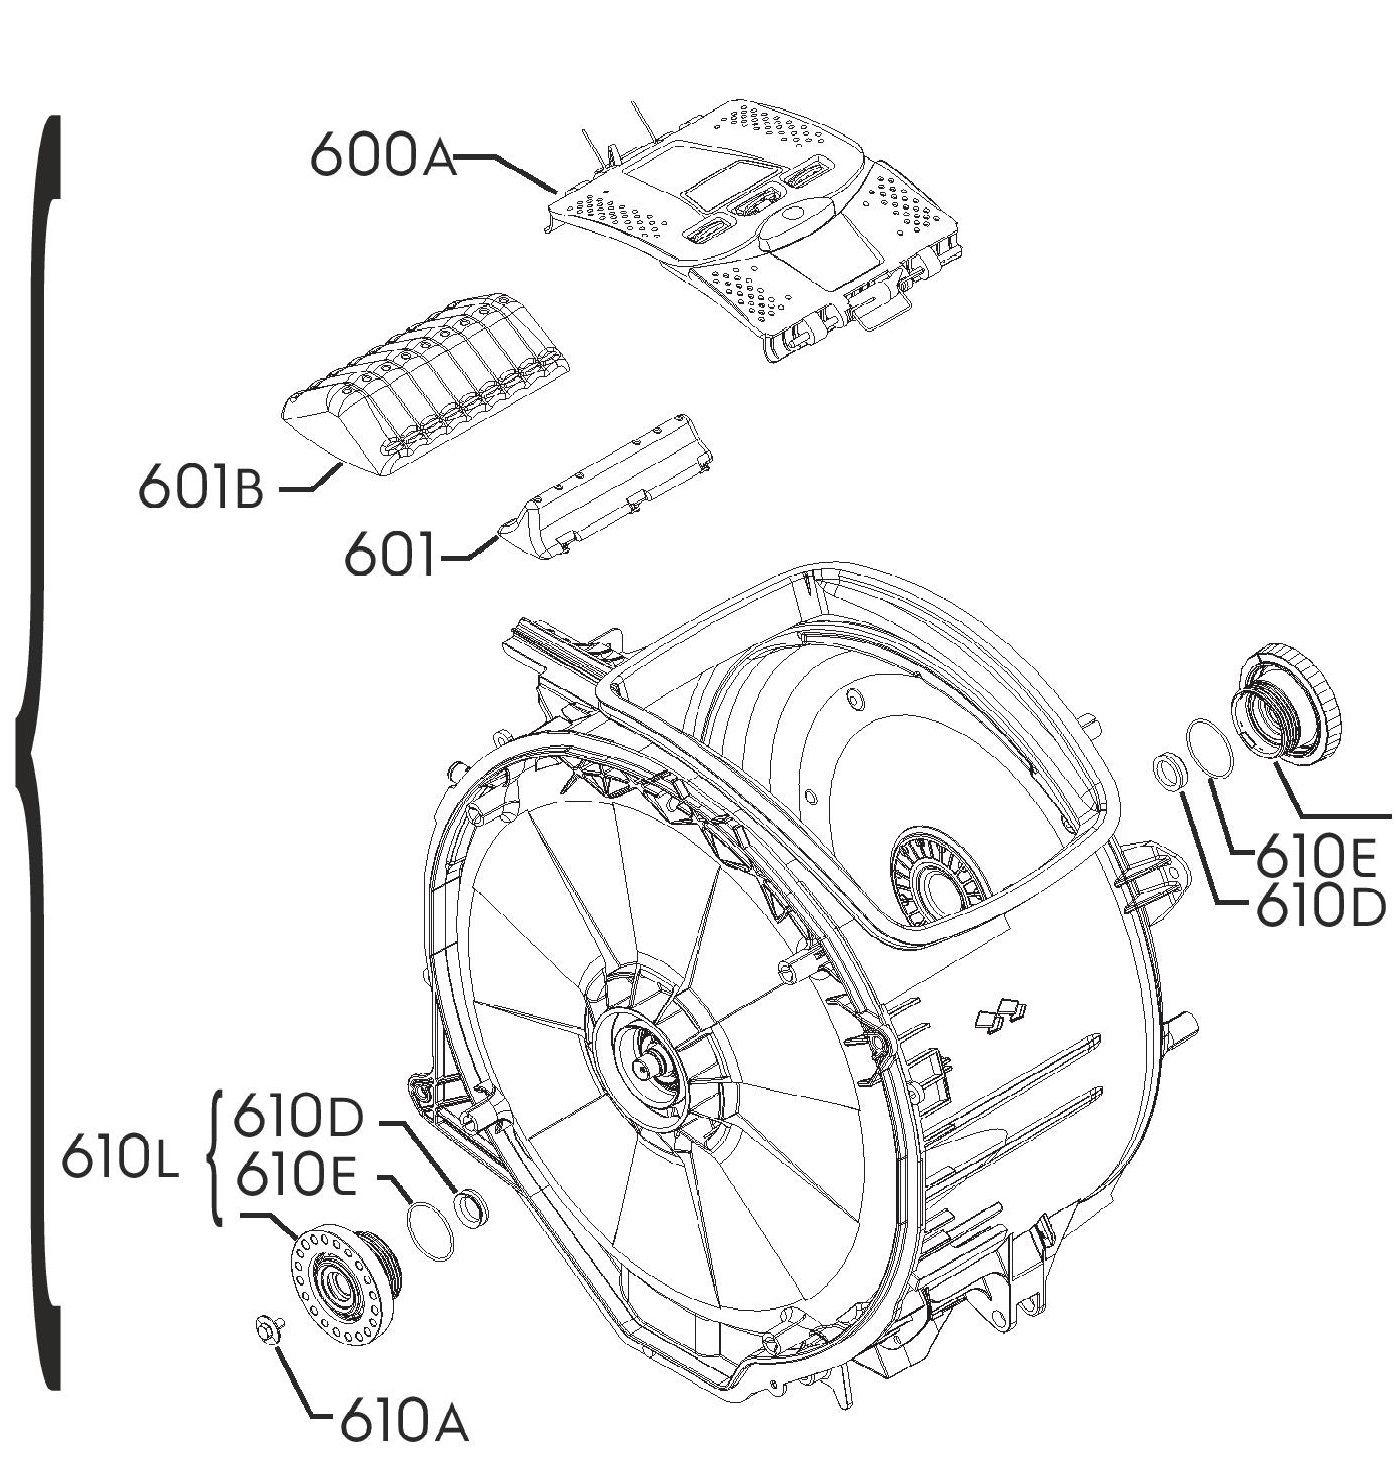 nádrž, vana, agregát kompletní pro pračky Zanussi, Electrolux, AEG - 4055198024 AEG / Electrolux / Zanussi